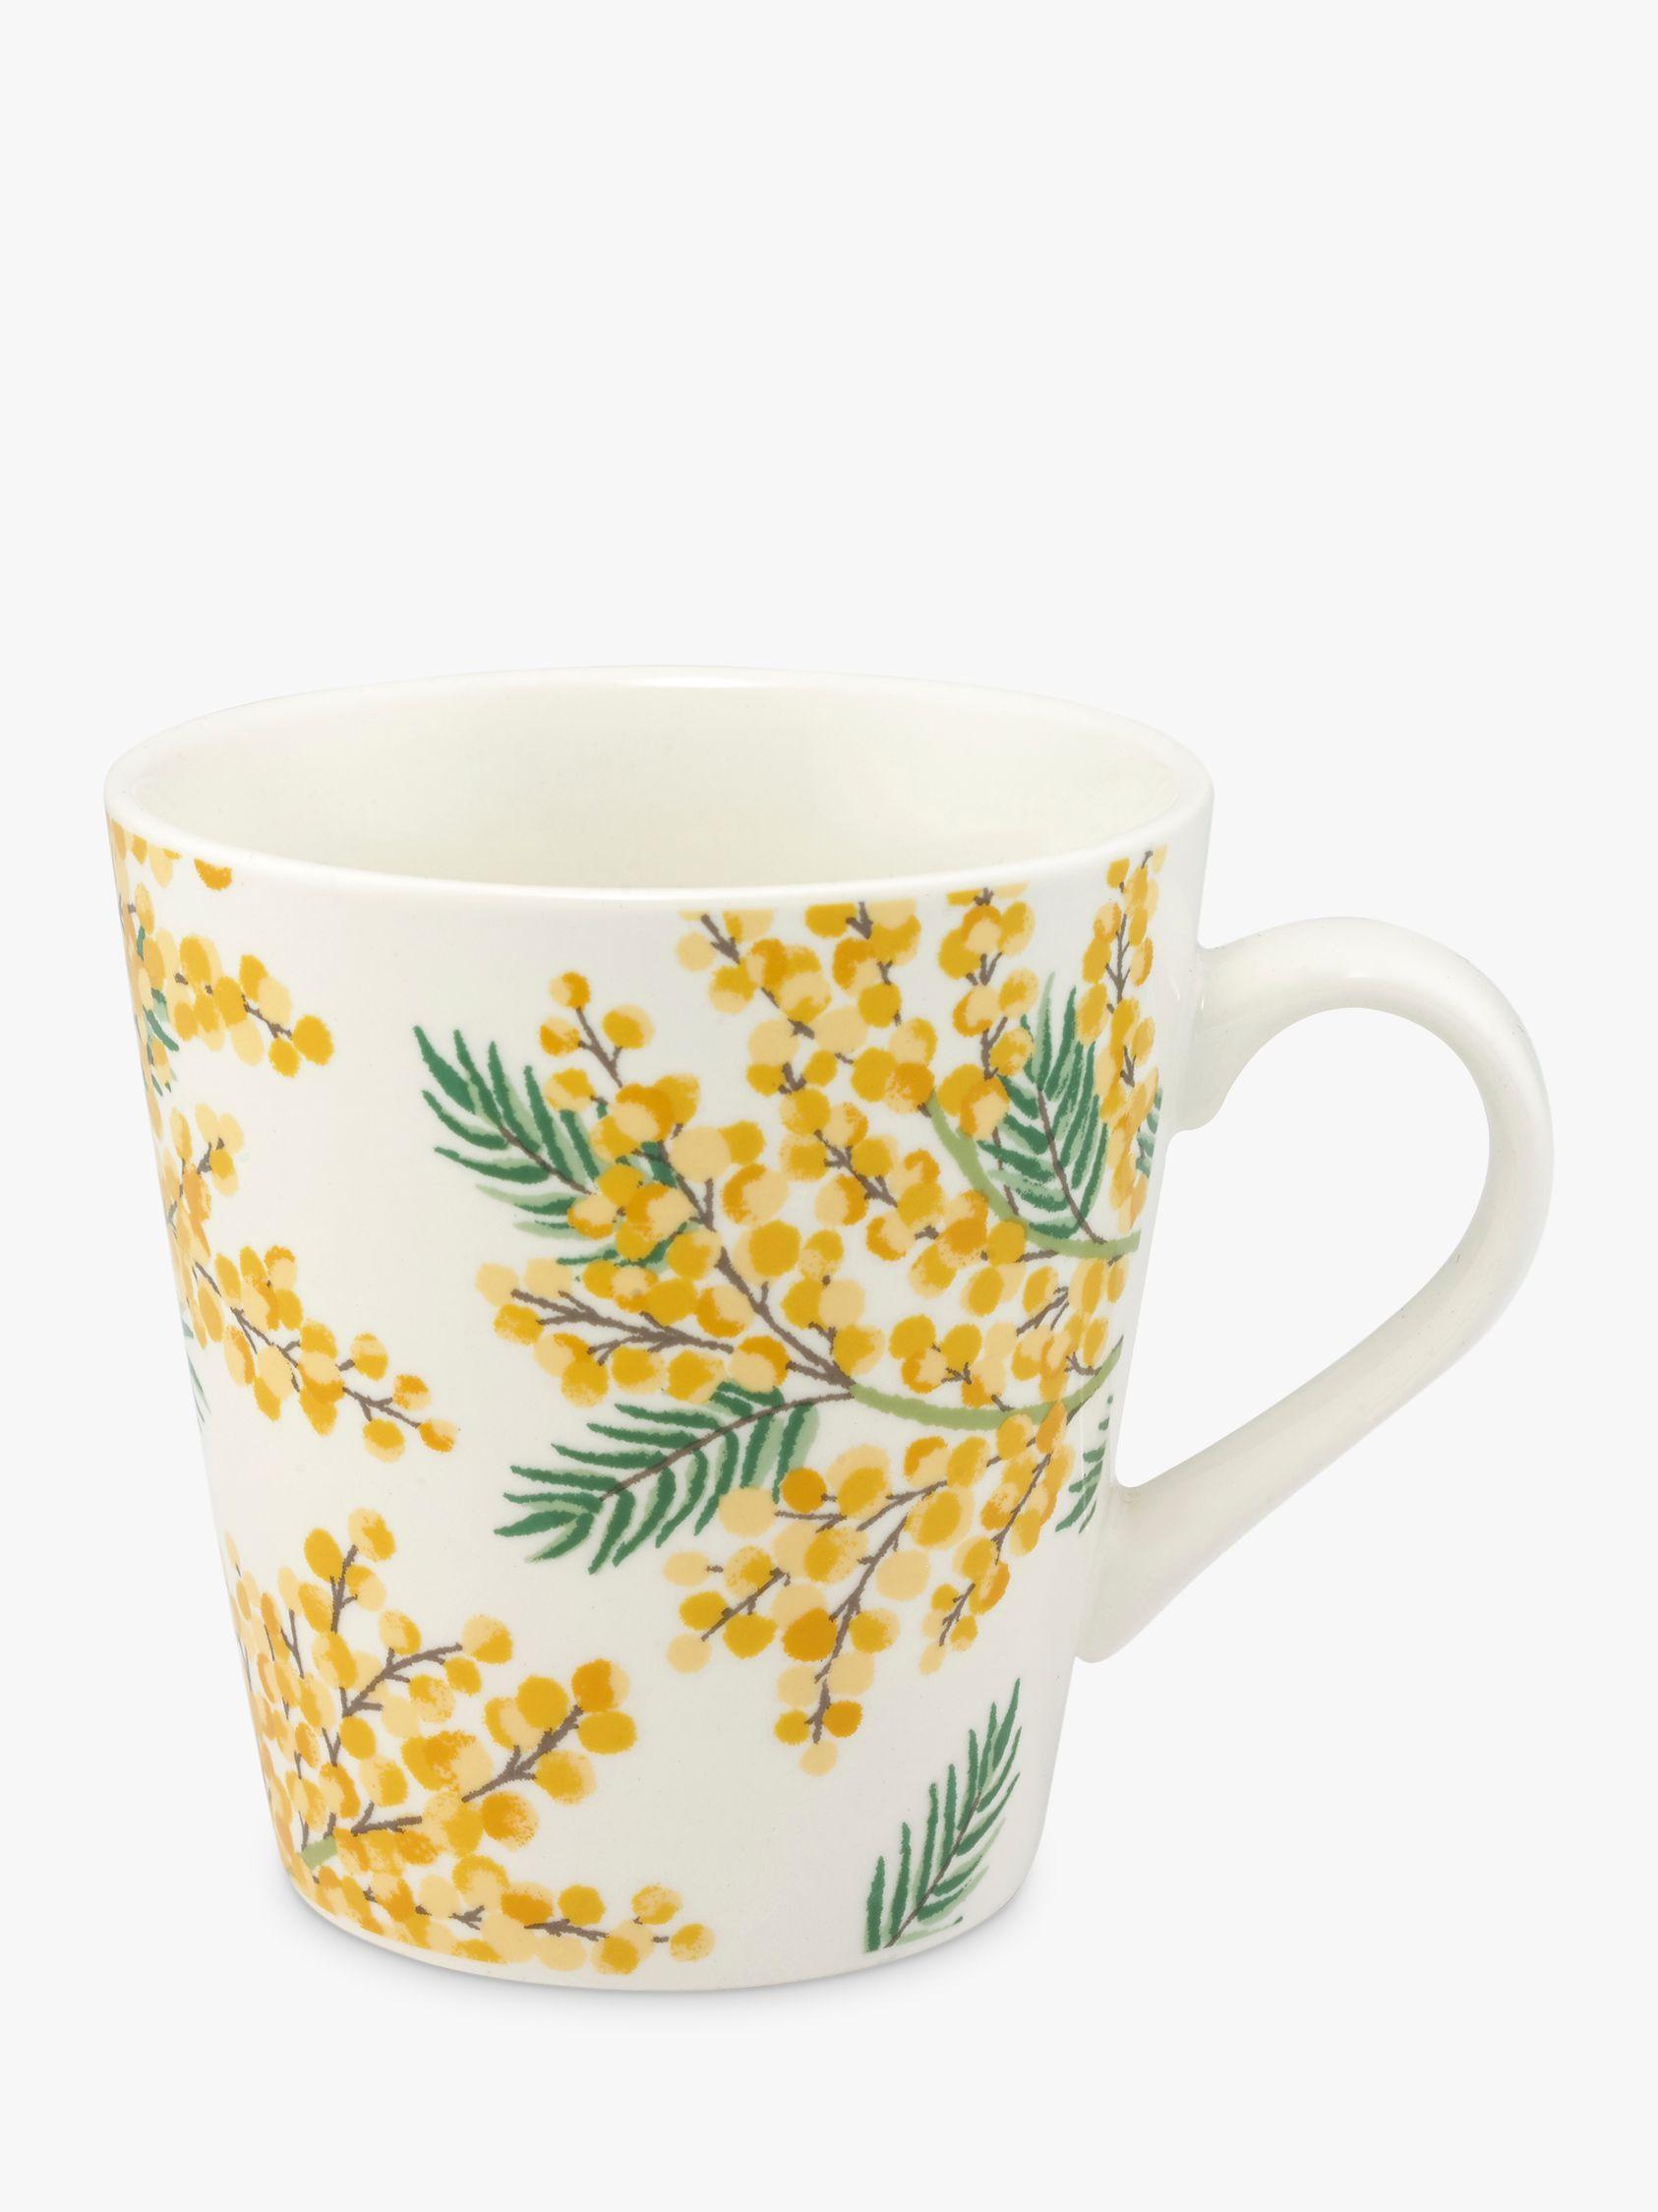 Cath Kidston Cath Kidston Mimosa Mini Stanley Mug, 300ml, Yellow/Multi